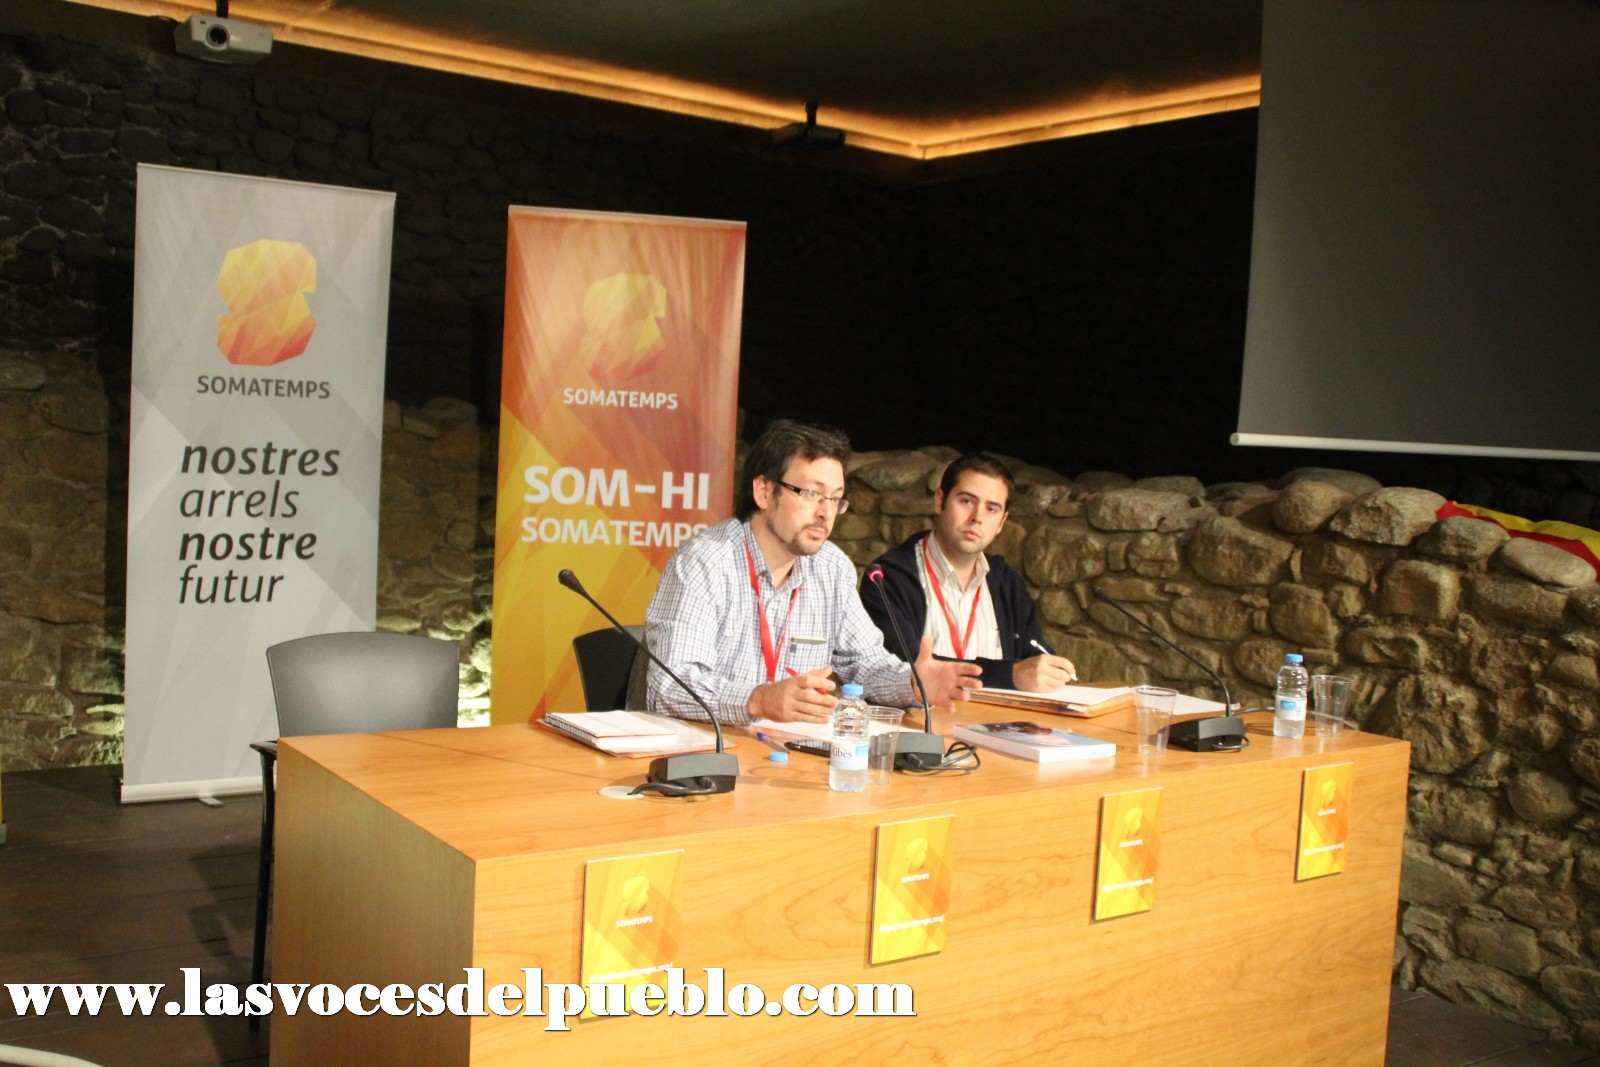 las voces del pueblo_I Congreso de Somatemps_Ripoll_Gerona (74)